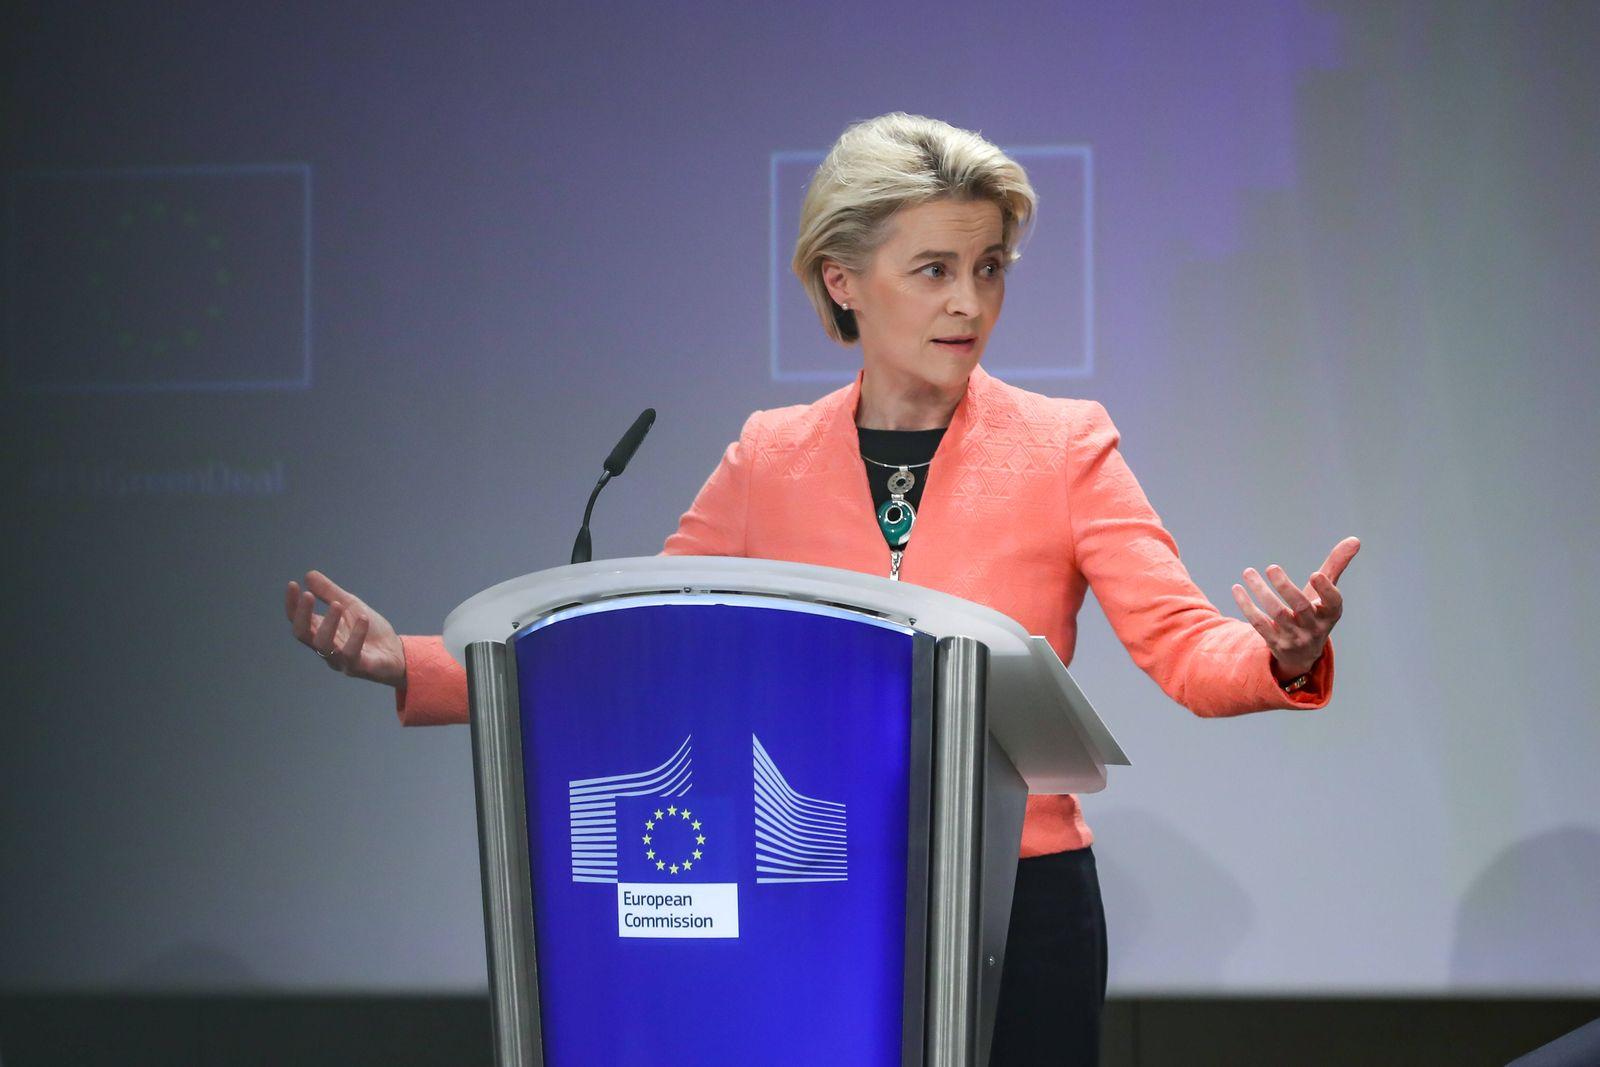 (210714) -- BRUSSELS, July 14, 2021 -- European Commission President Ursula von der Leyen speaks during a press confere